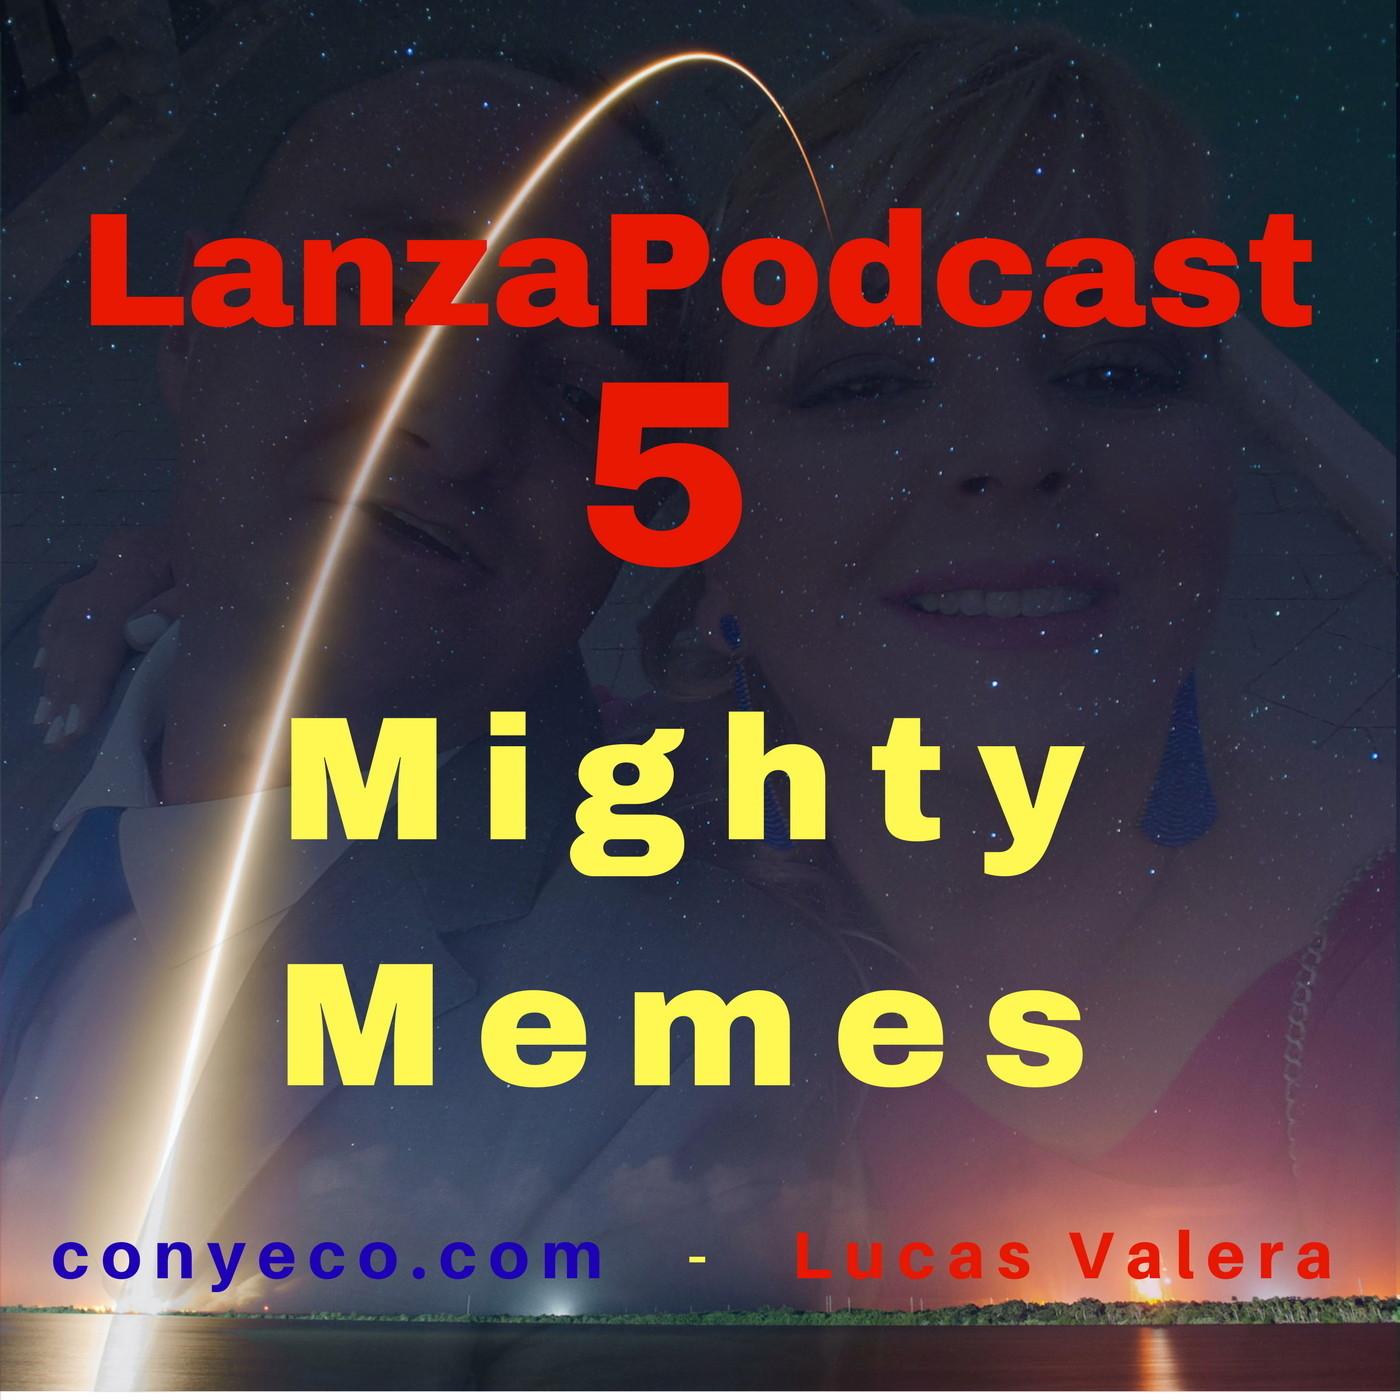 LanzaPodcast 5 Mighty Memes - Mighty Memes es Un Poderoso Software de Marketing Viral Para FacebooK y Otras Redes Soc...